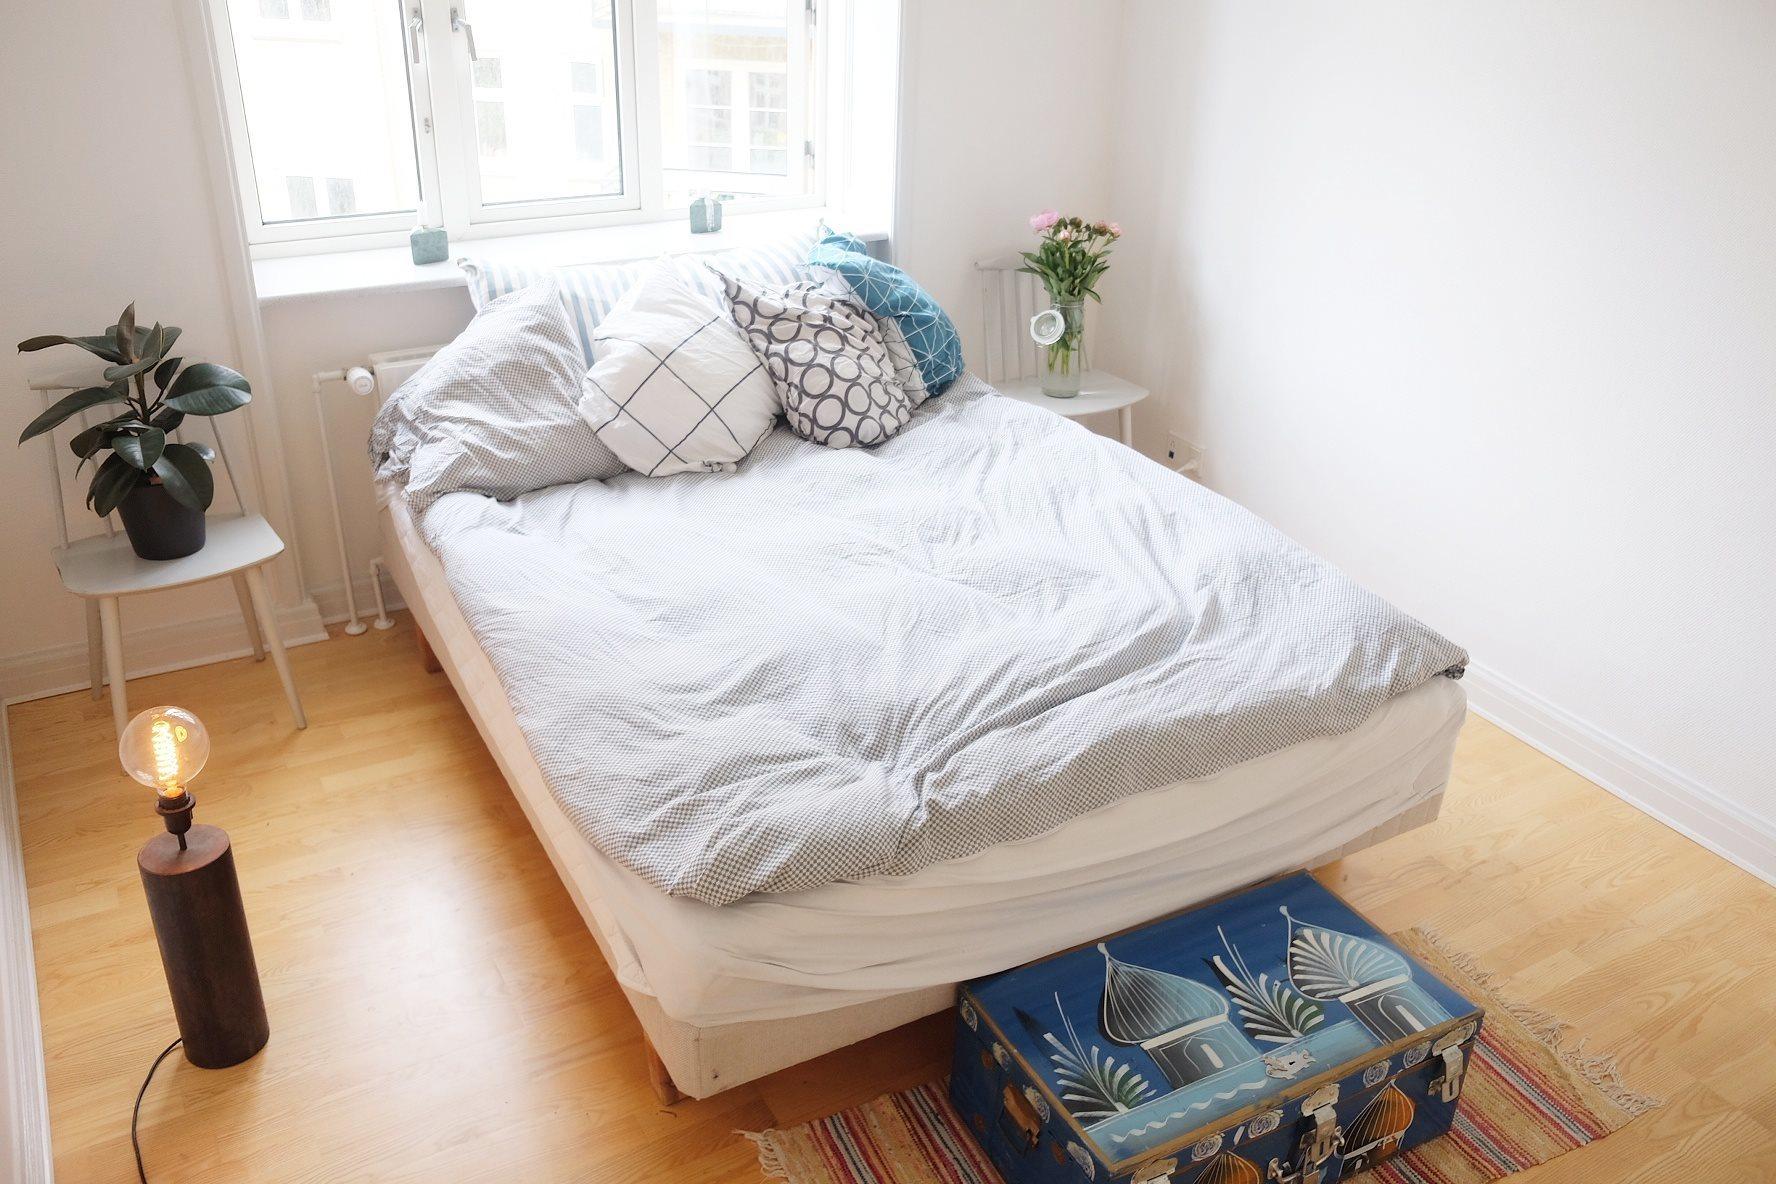 Mandlig roomie søges til værelse fra 15. oktober-31. januar (med mulighed for forlængelse)